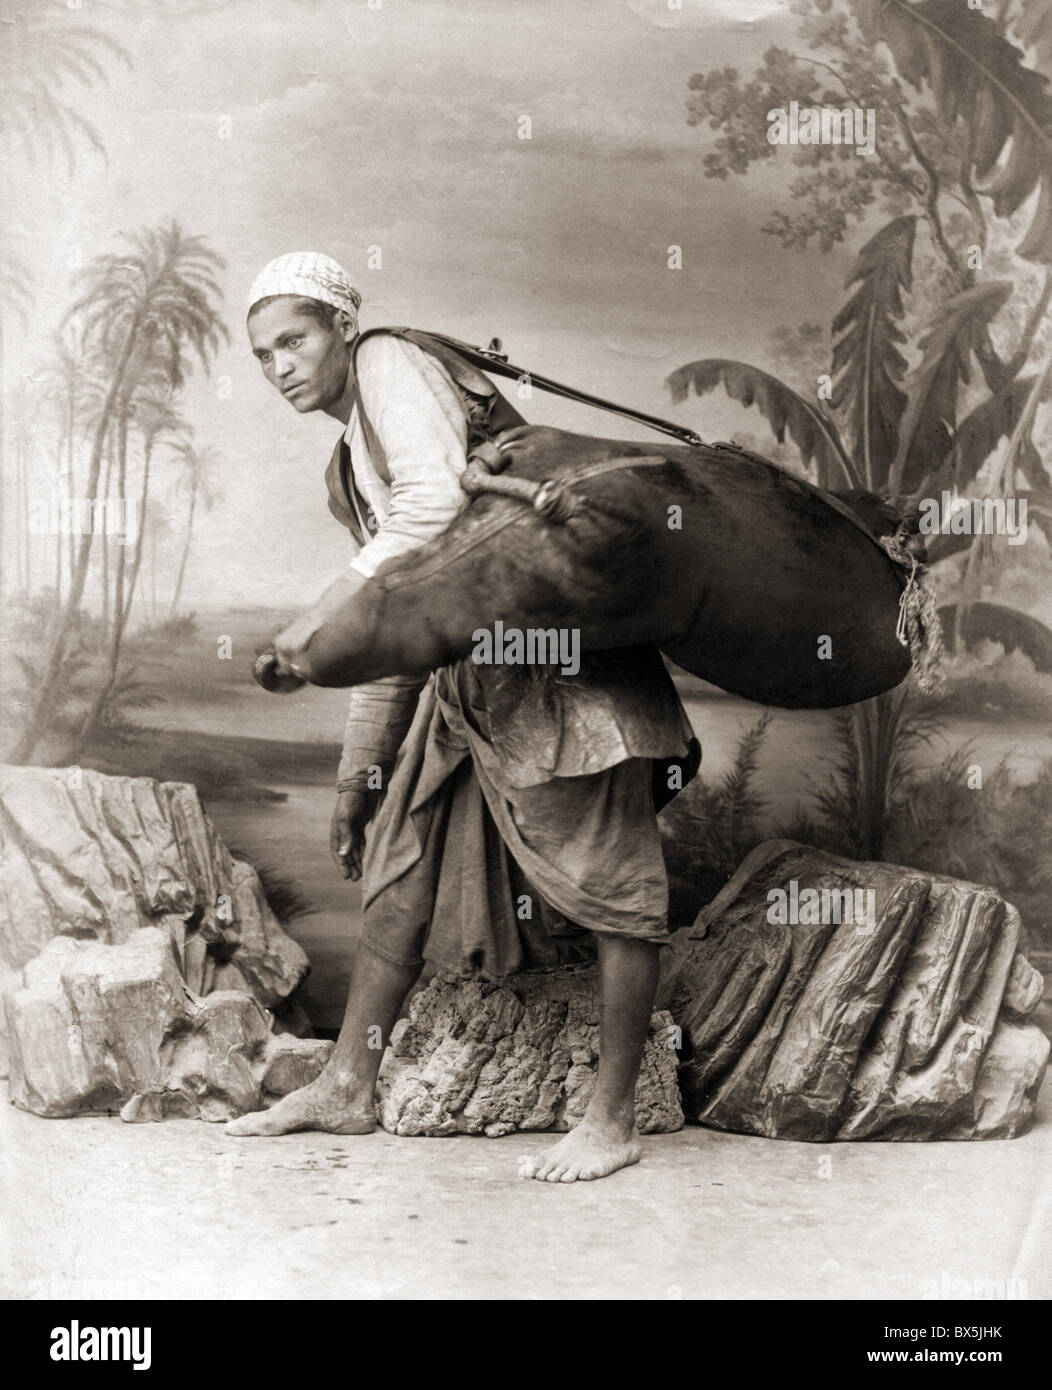 Personas, hombres, África, el hombre lleva un bolso, Foto de estudio por J. P. Sebah, de finales del siglo Imagen De Stock